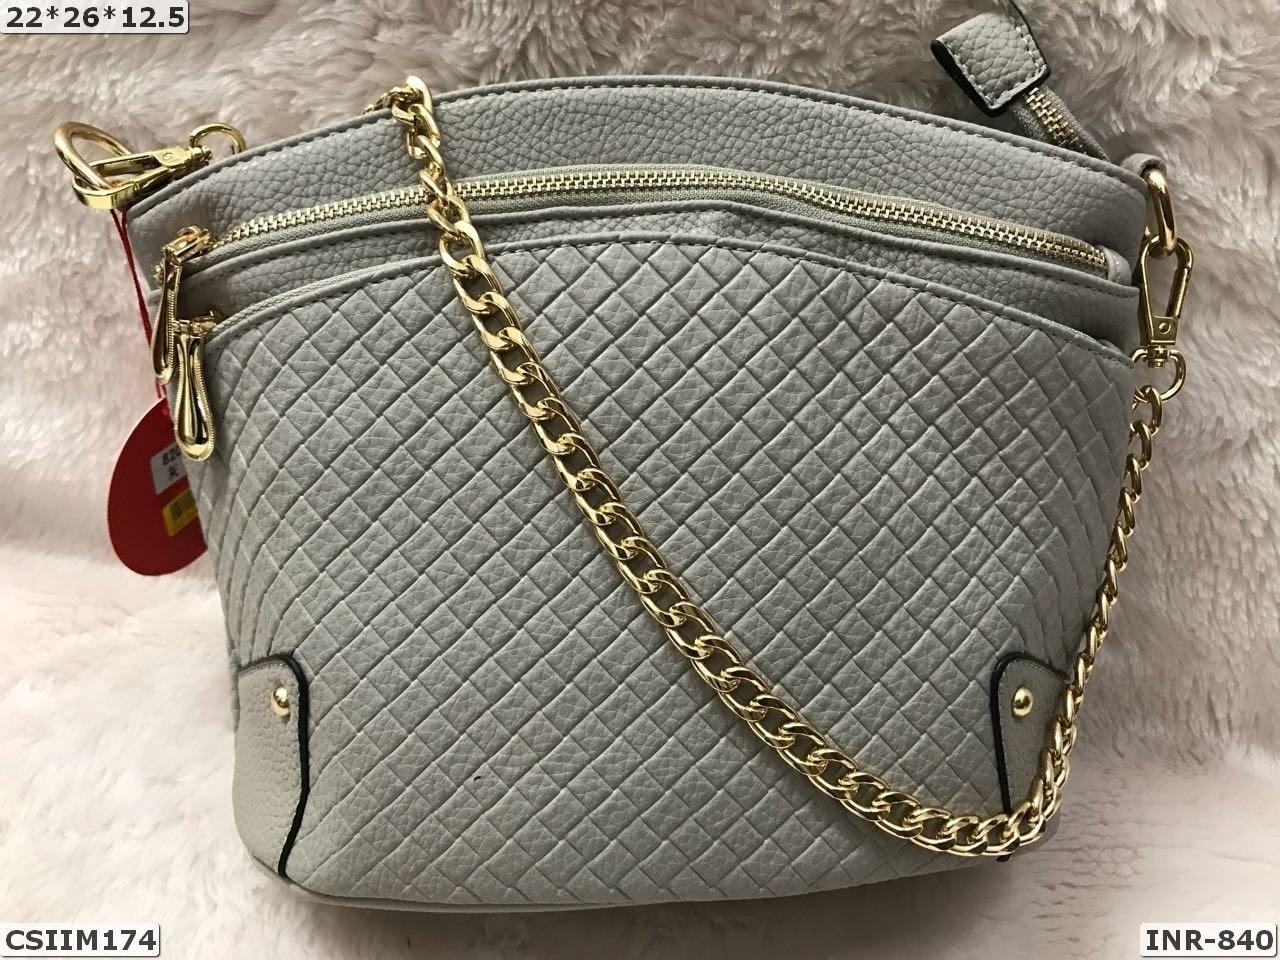 Beautifull Imported Handbag